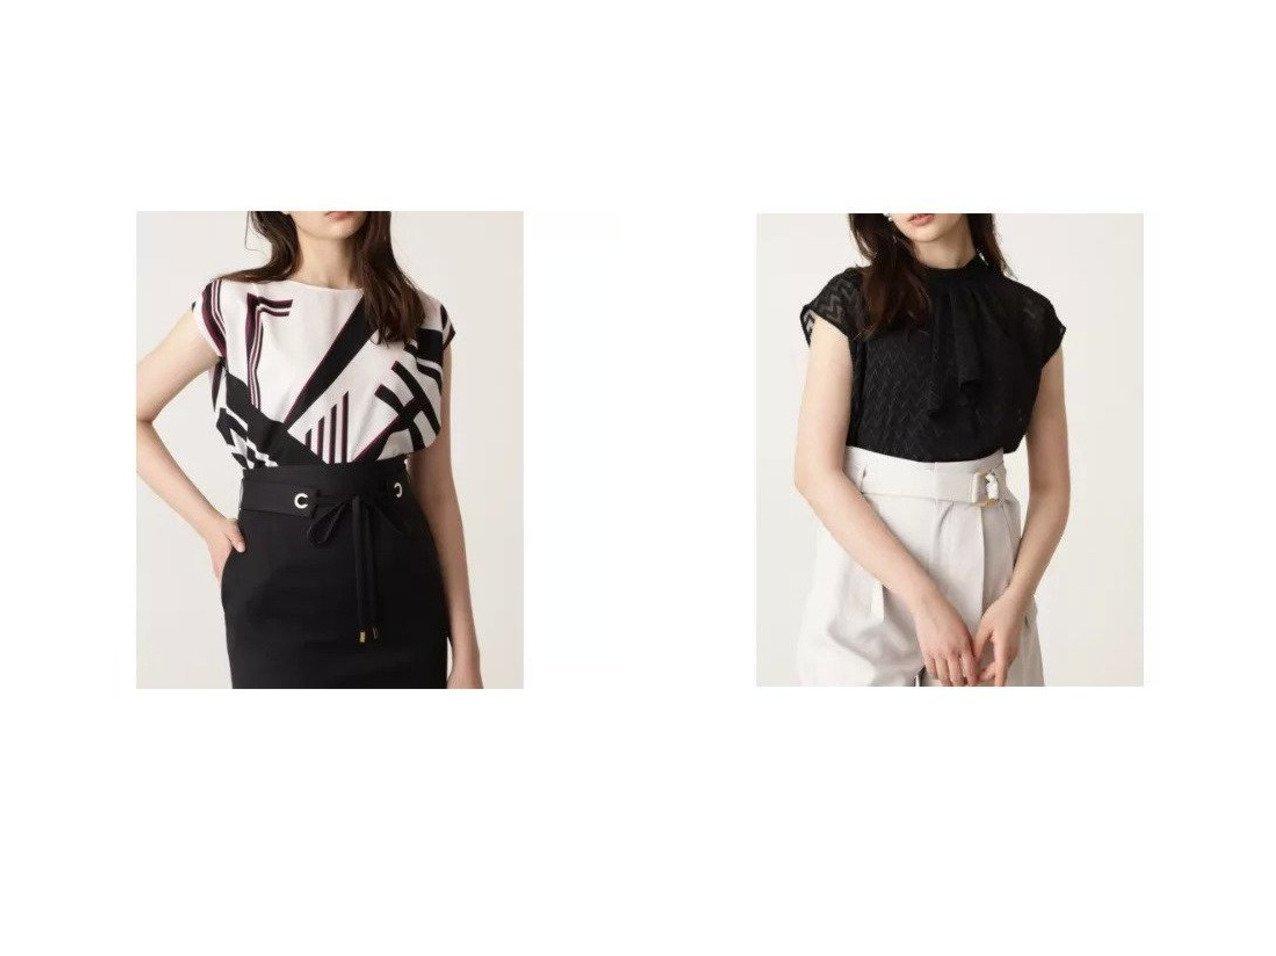 【Pinky&Dianne/ピンキーアンドダイアン】のカットジャガードシアーブラウス&ボールドジオメトリックプリントブラウス 【トップス・カットソー】おすすめ!人気、トレンド・レディースファッションの通販 おすすめで人気の流行・トレンド、ファッションの通販商品 インテリア・家具・メンズファッション・キッズファッション・レディースファッション・服の通販 founy(ファニー) https://founy.com/ ファッション Fashion レディースファッション WOMEN トップス・カットソー Tops/Tshirt シャツ/ブラウス Shirts/Blouses ギャザー クール シンプル スタンダード スリット フロント プリント ボトム シャイニー ジャカード デニム ドット ヘリンボーン  ID:crp329100000047031